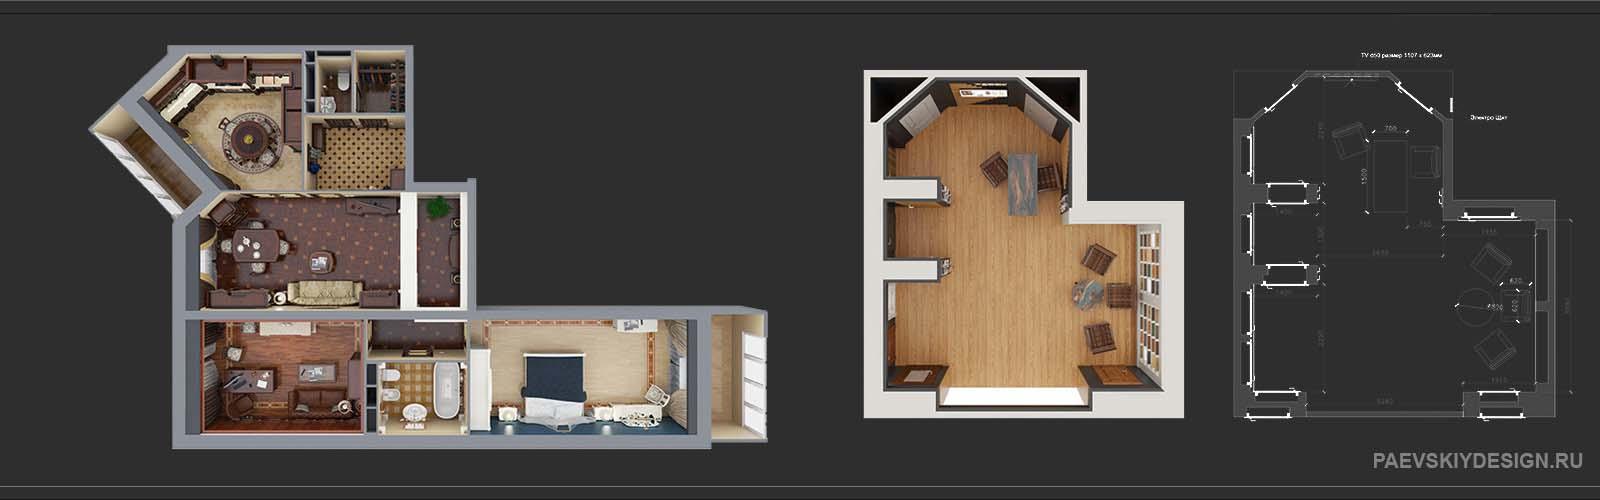 Планировочный этап дизайн проекта интерьера